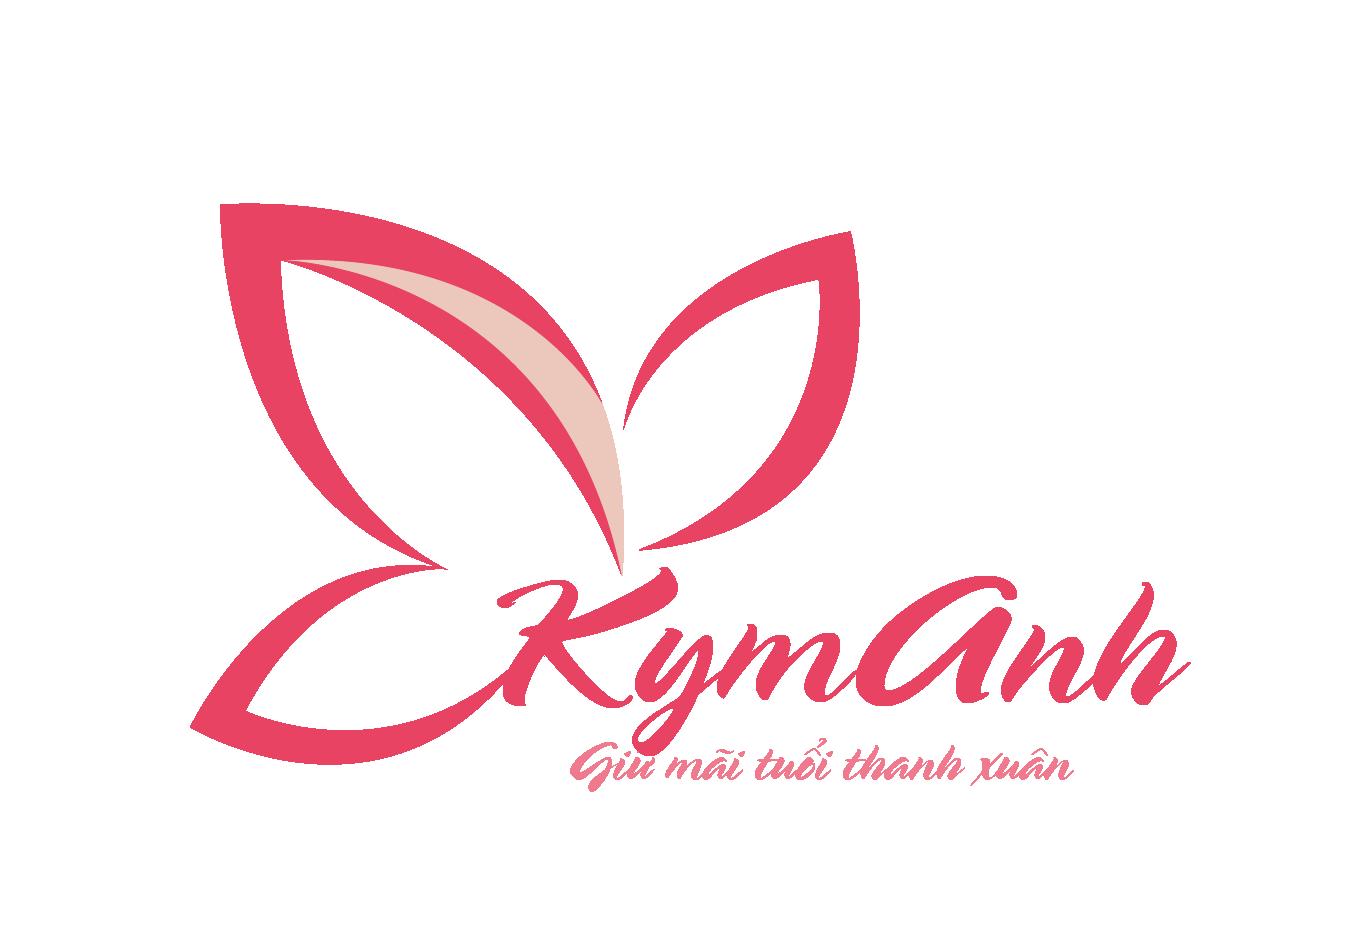 Kymanh Online Shop thời trang nữ đầy cá tính